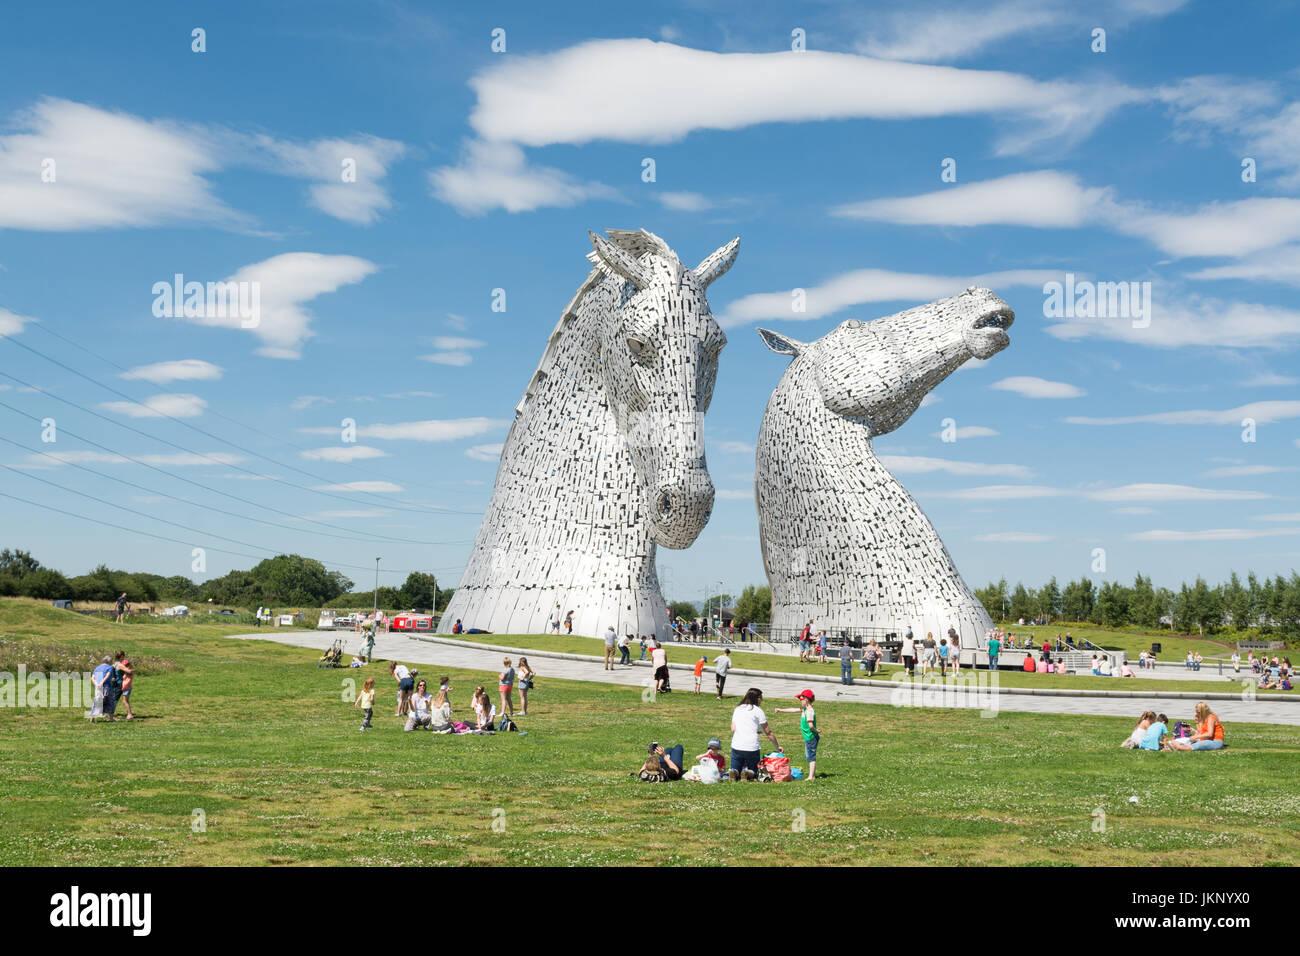 Falkirk, Schottland. 24. Juli 2017. UK Wetter - ein heißer sonniger Tag für Besucher im Helix Park - Haus Stockbild